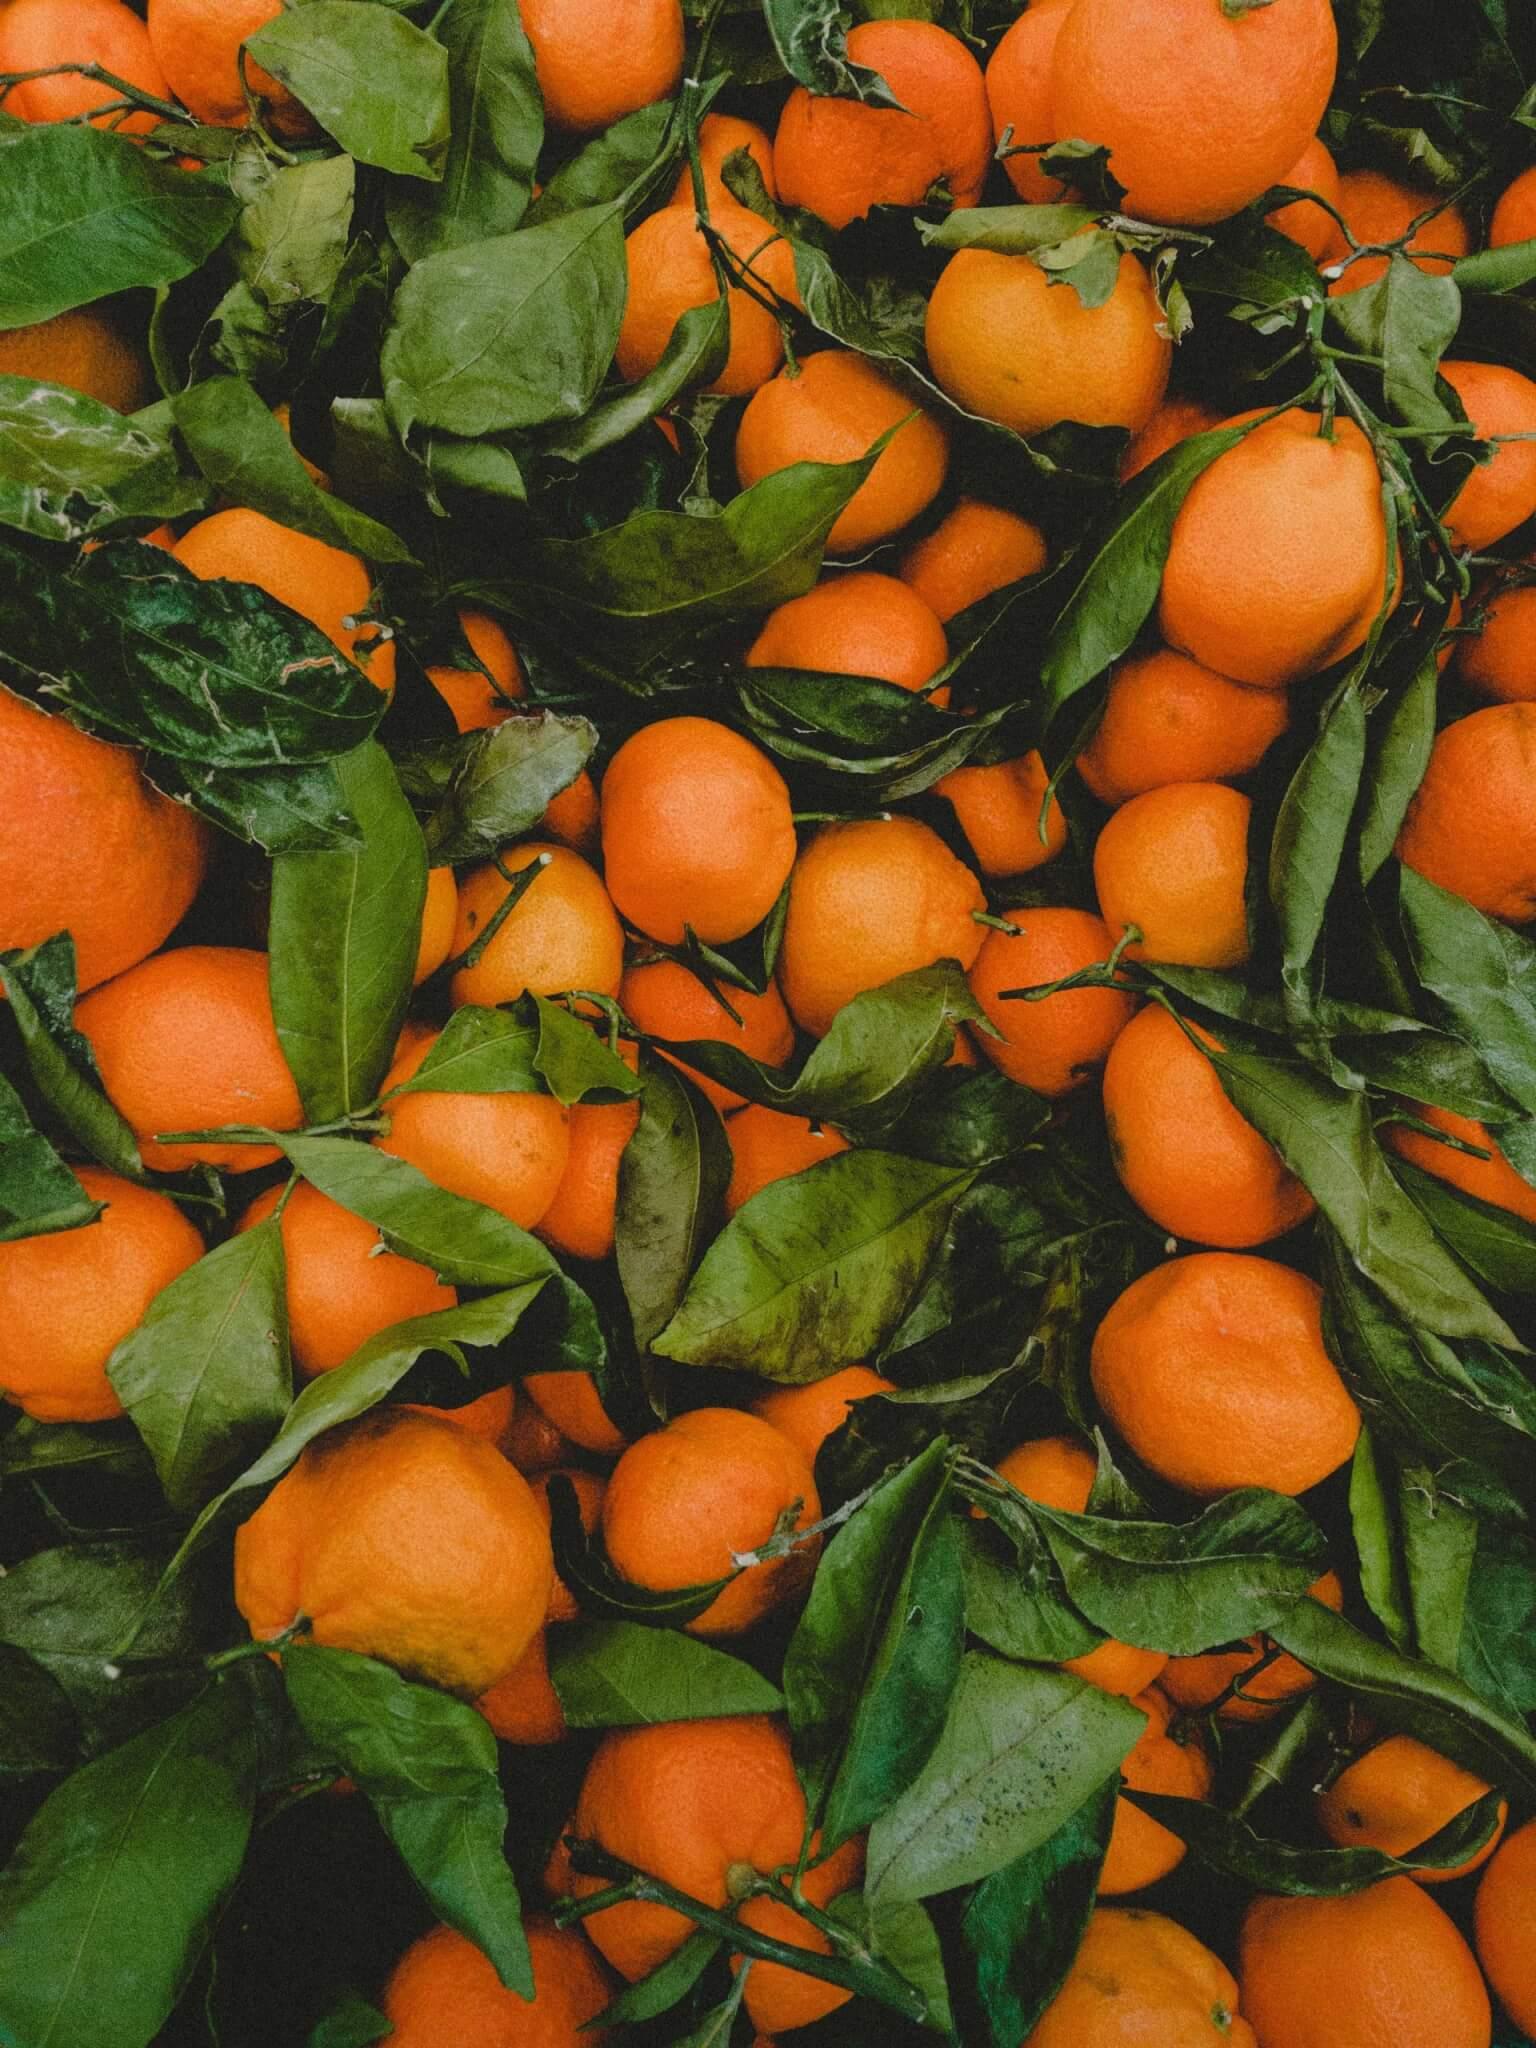 Fruitbedrijf Van den Berge: mandarijnen 7